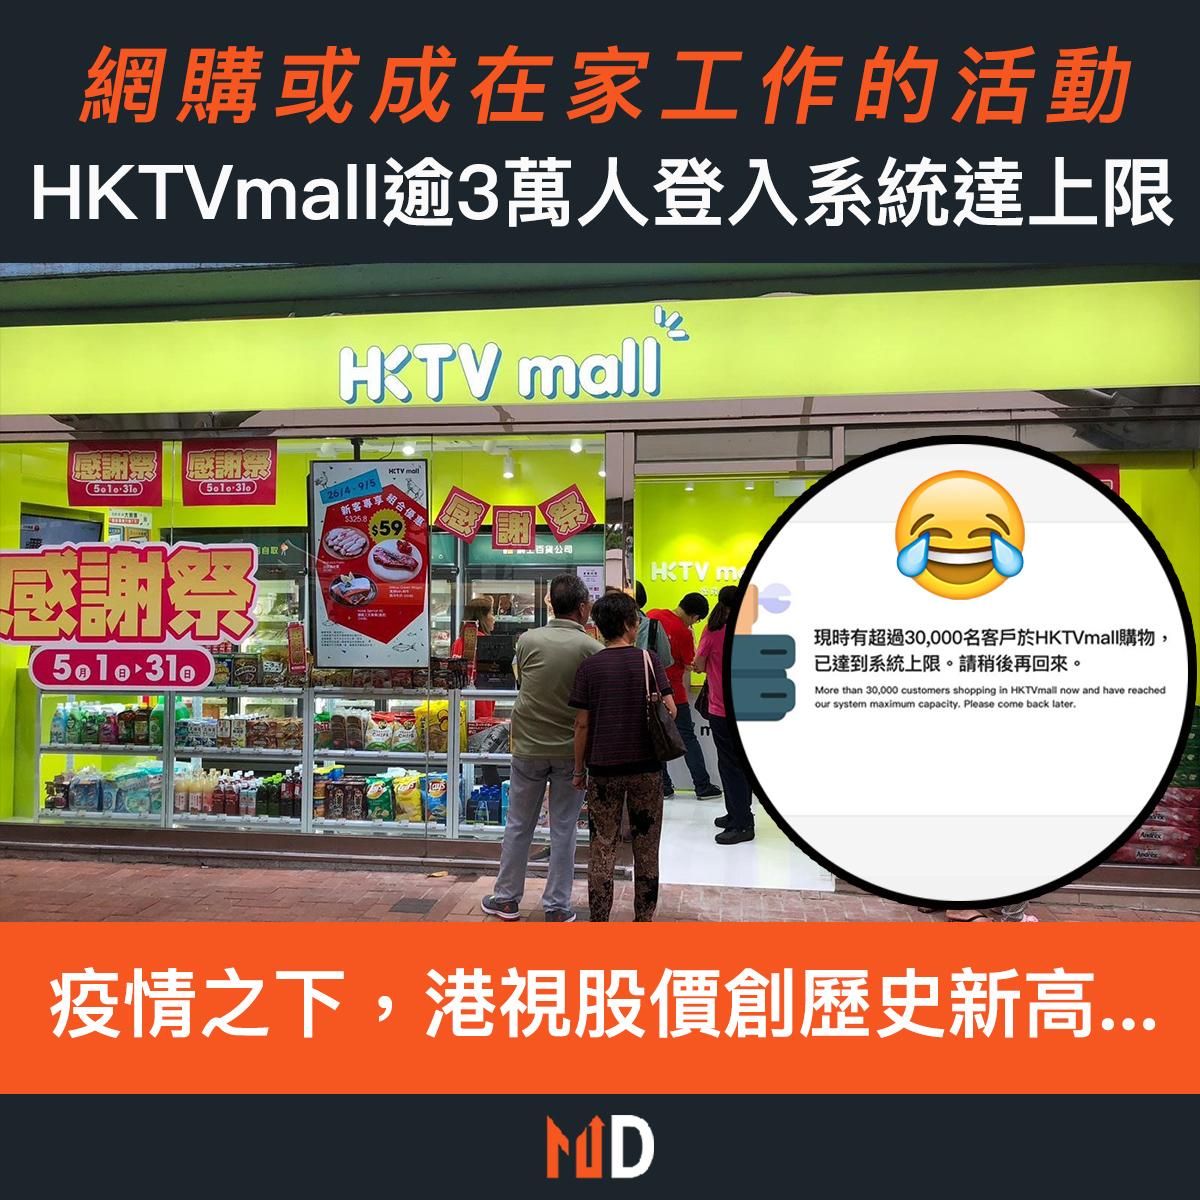 【市場熱話】網購或成在家工作的活動,HKTVmall今逾3萬人登入系統達上限